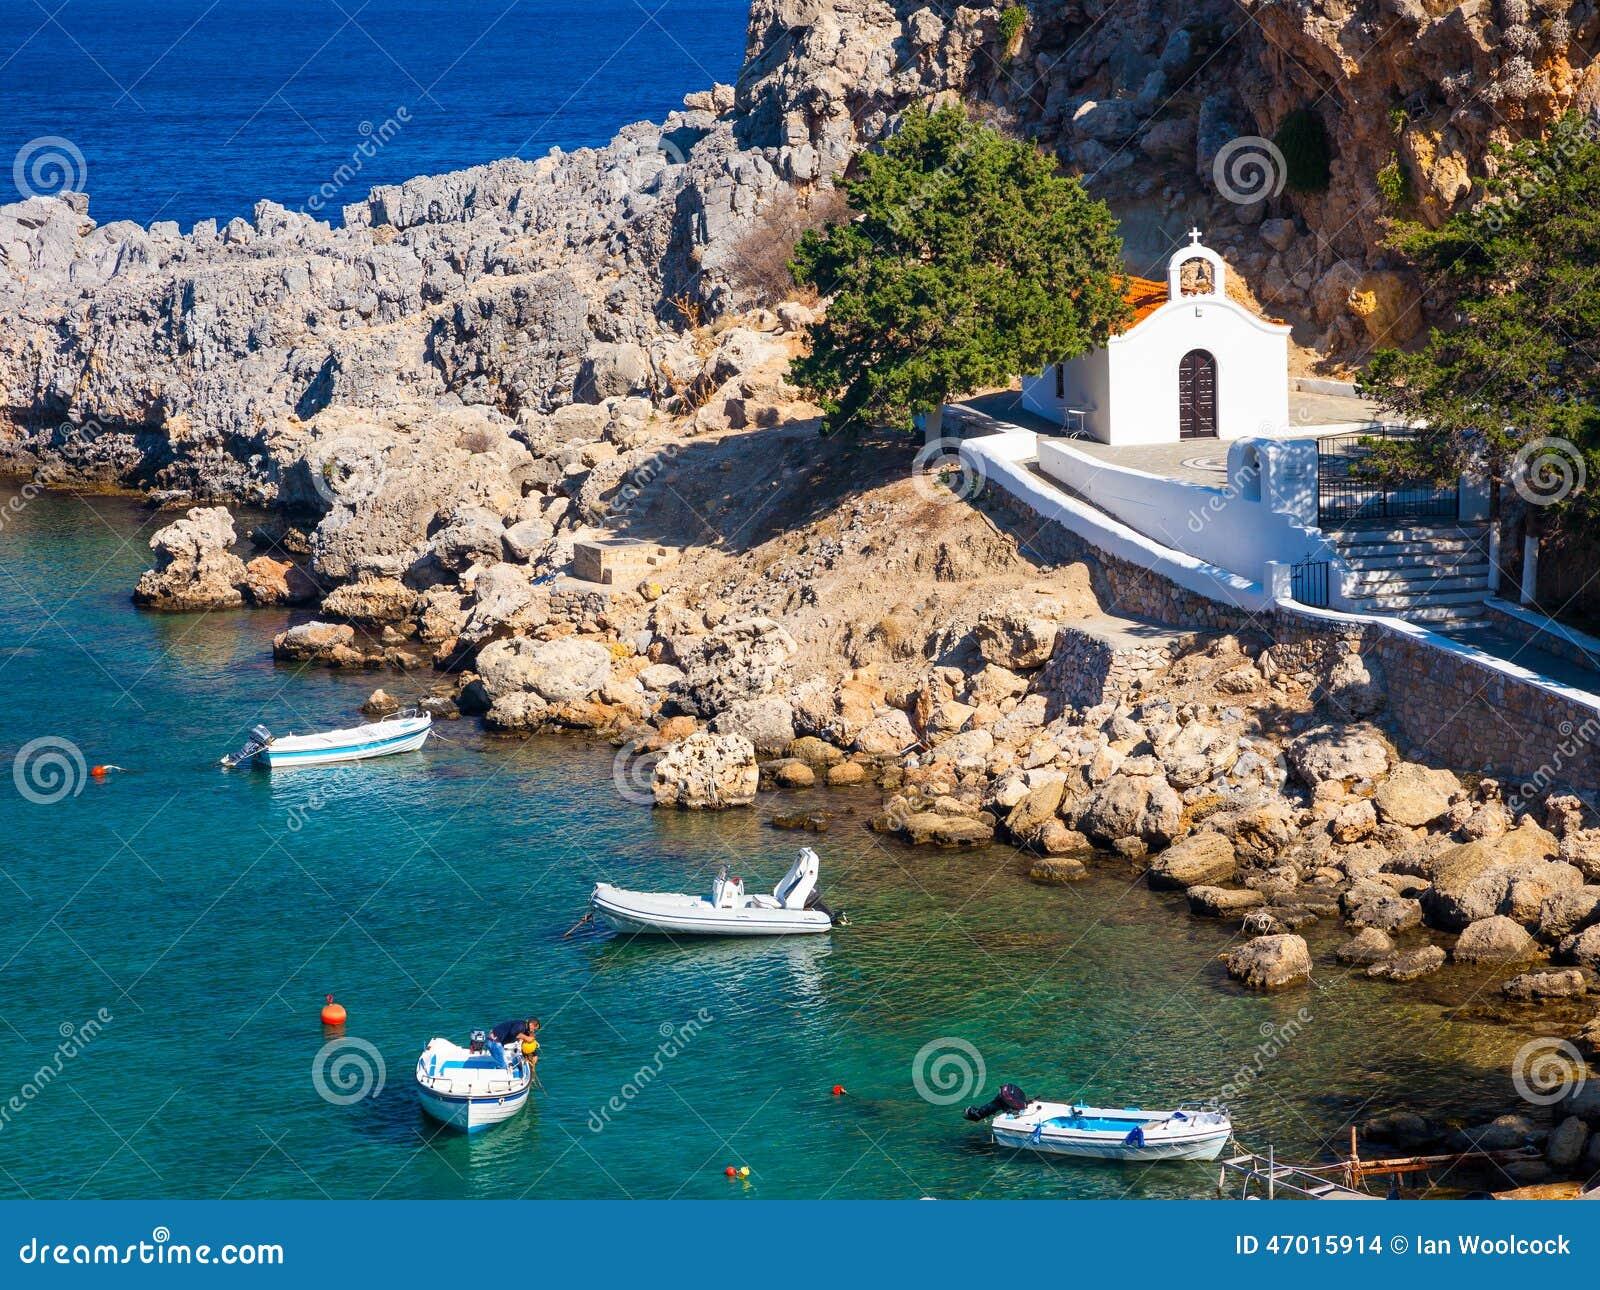 Tiny church and boats at St Pauls Bay Lindos Rhodes Greece Europe.